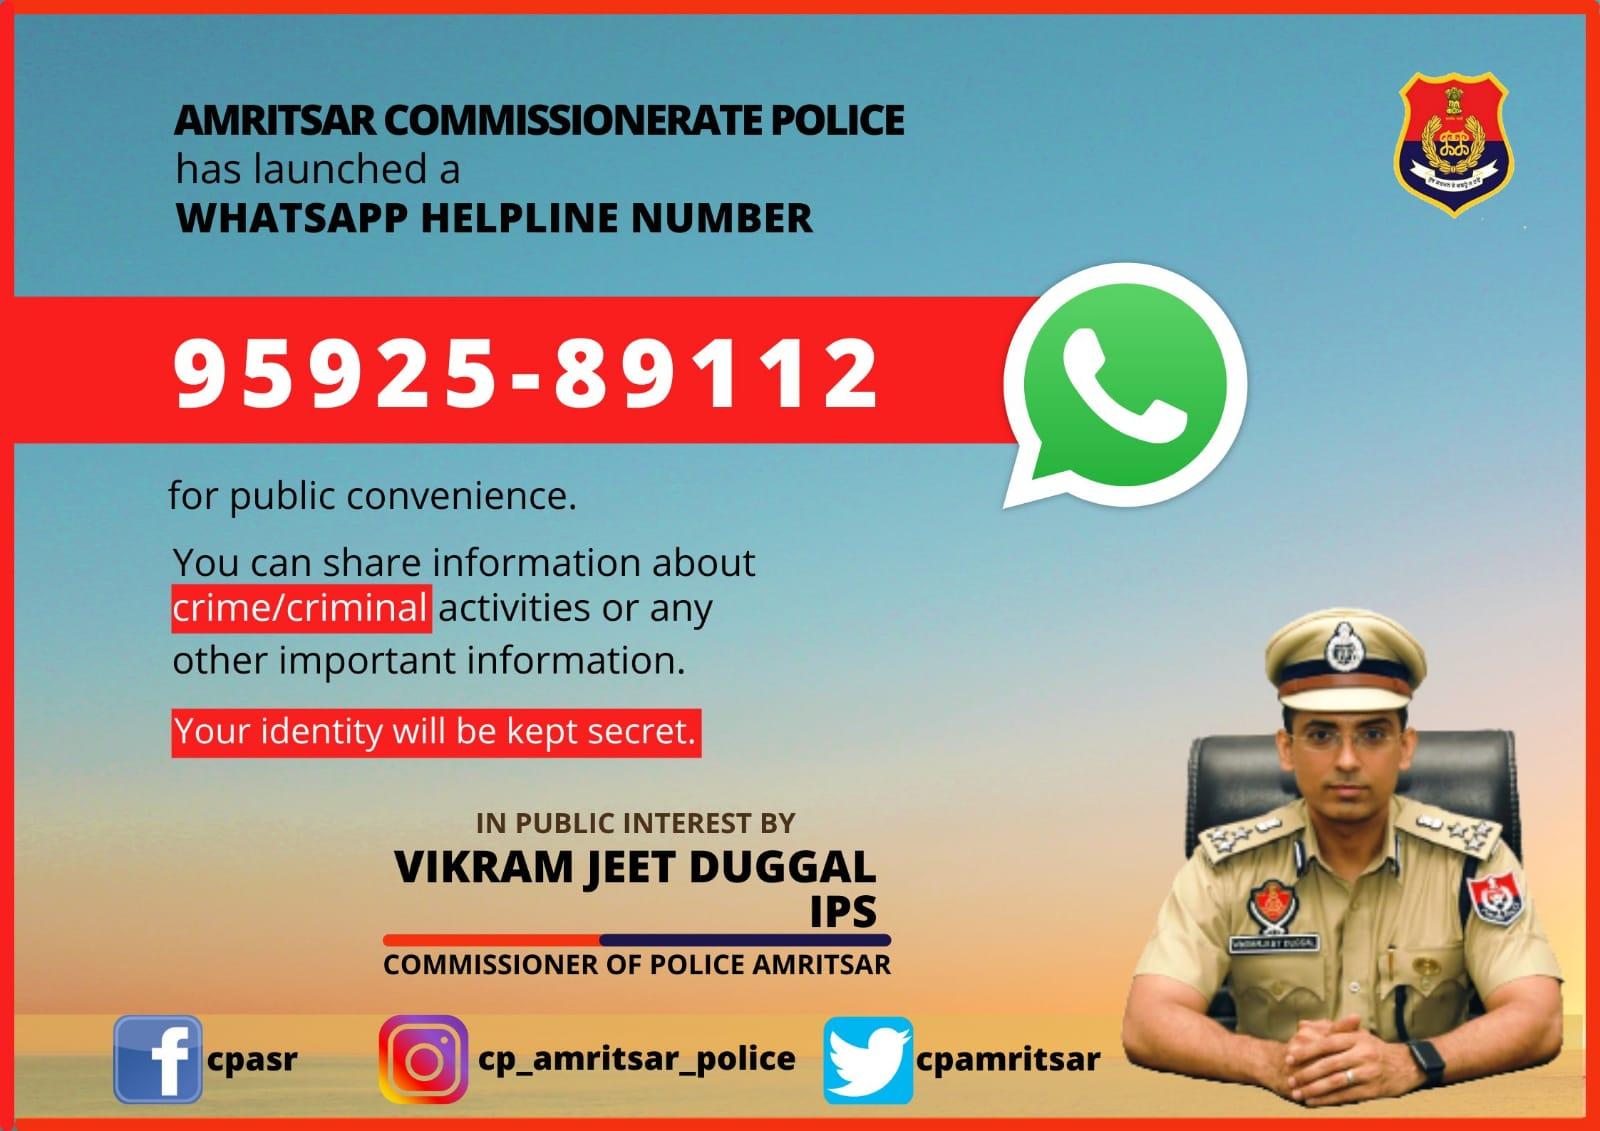 पुलिस ने जारी किया हेल्पलाइन नंबर; गुप्त जानकारी कर सकेंगे शेयर, महिलाओं की सेफ्टी के लिए सड़कों पर उतारी 'शक्ति' टीम|अमृतसर,Amritsar - Dainik Bhaskar